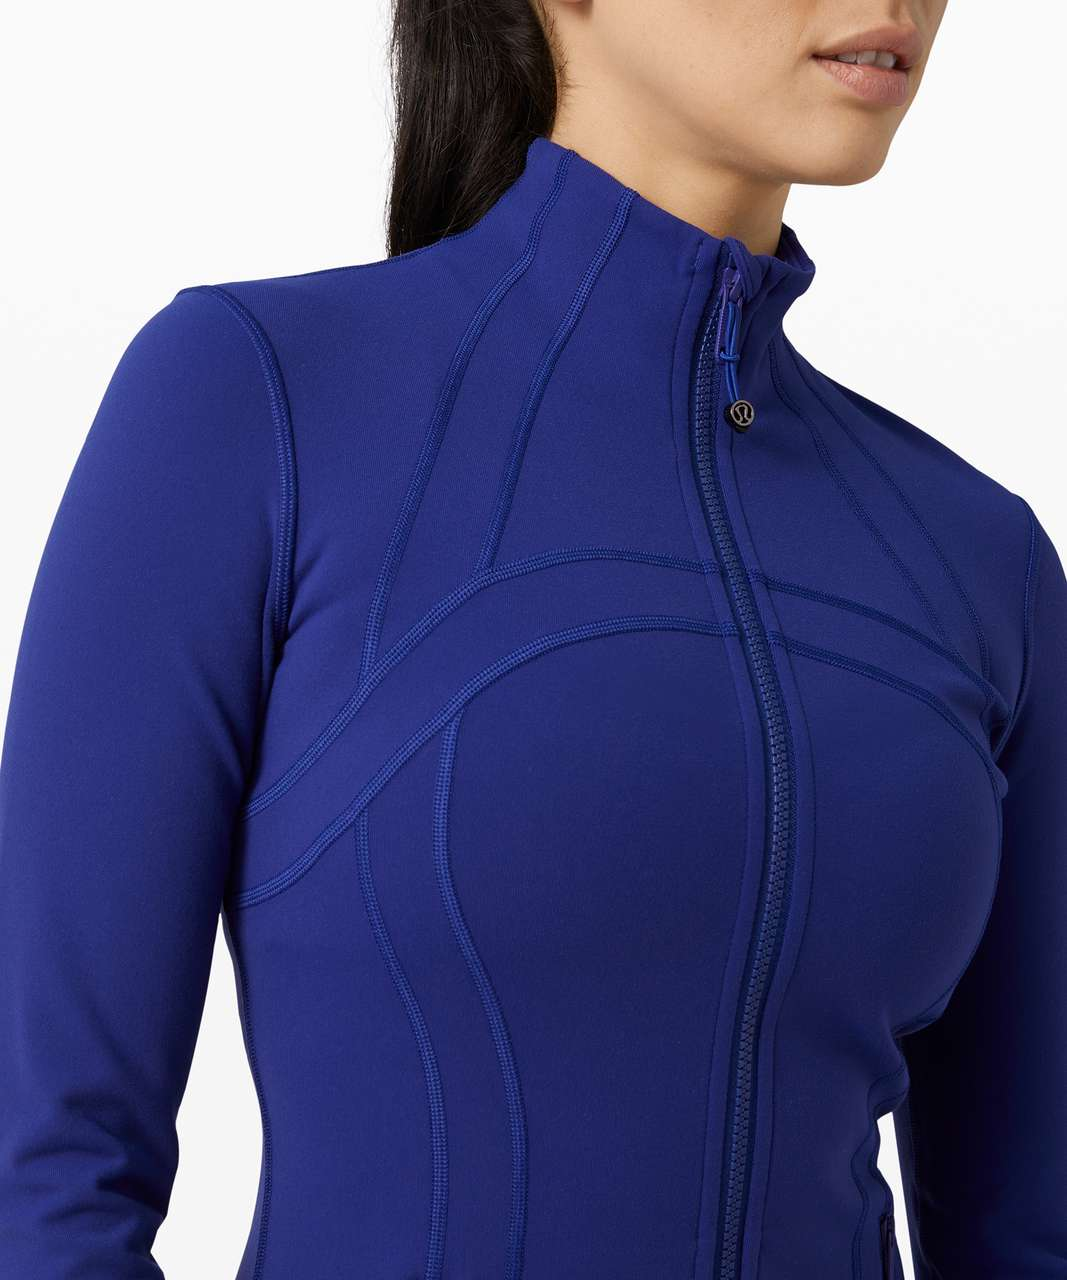 Lululemon Define Jacket - Larkspur